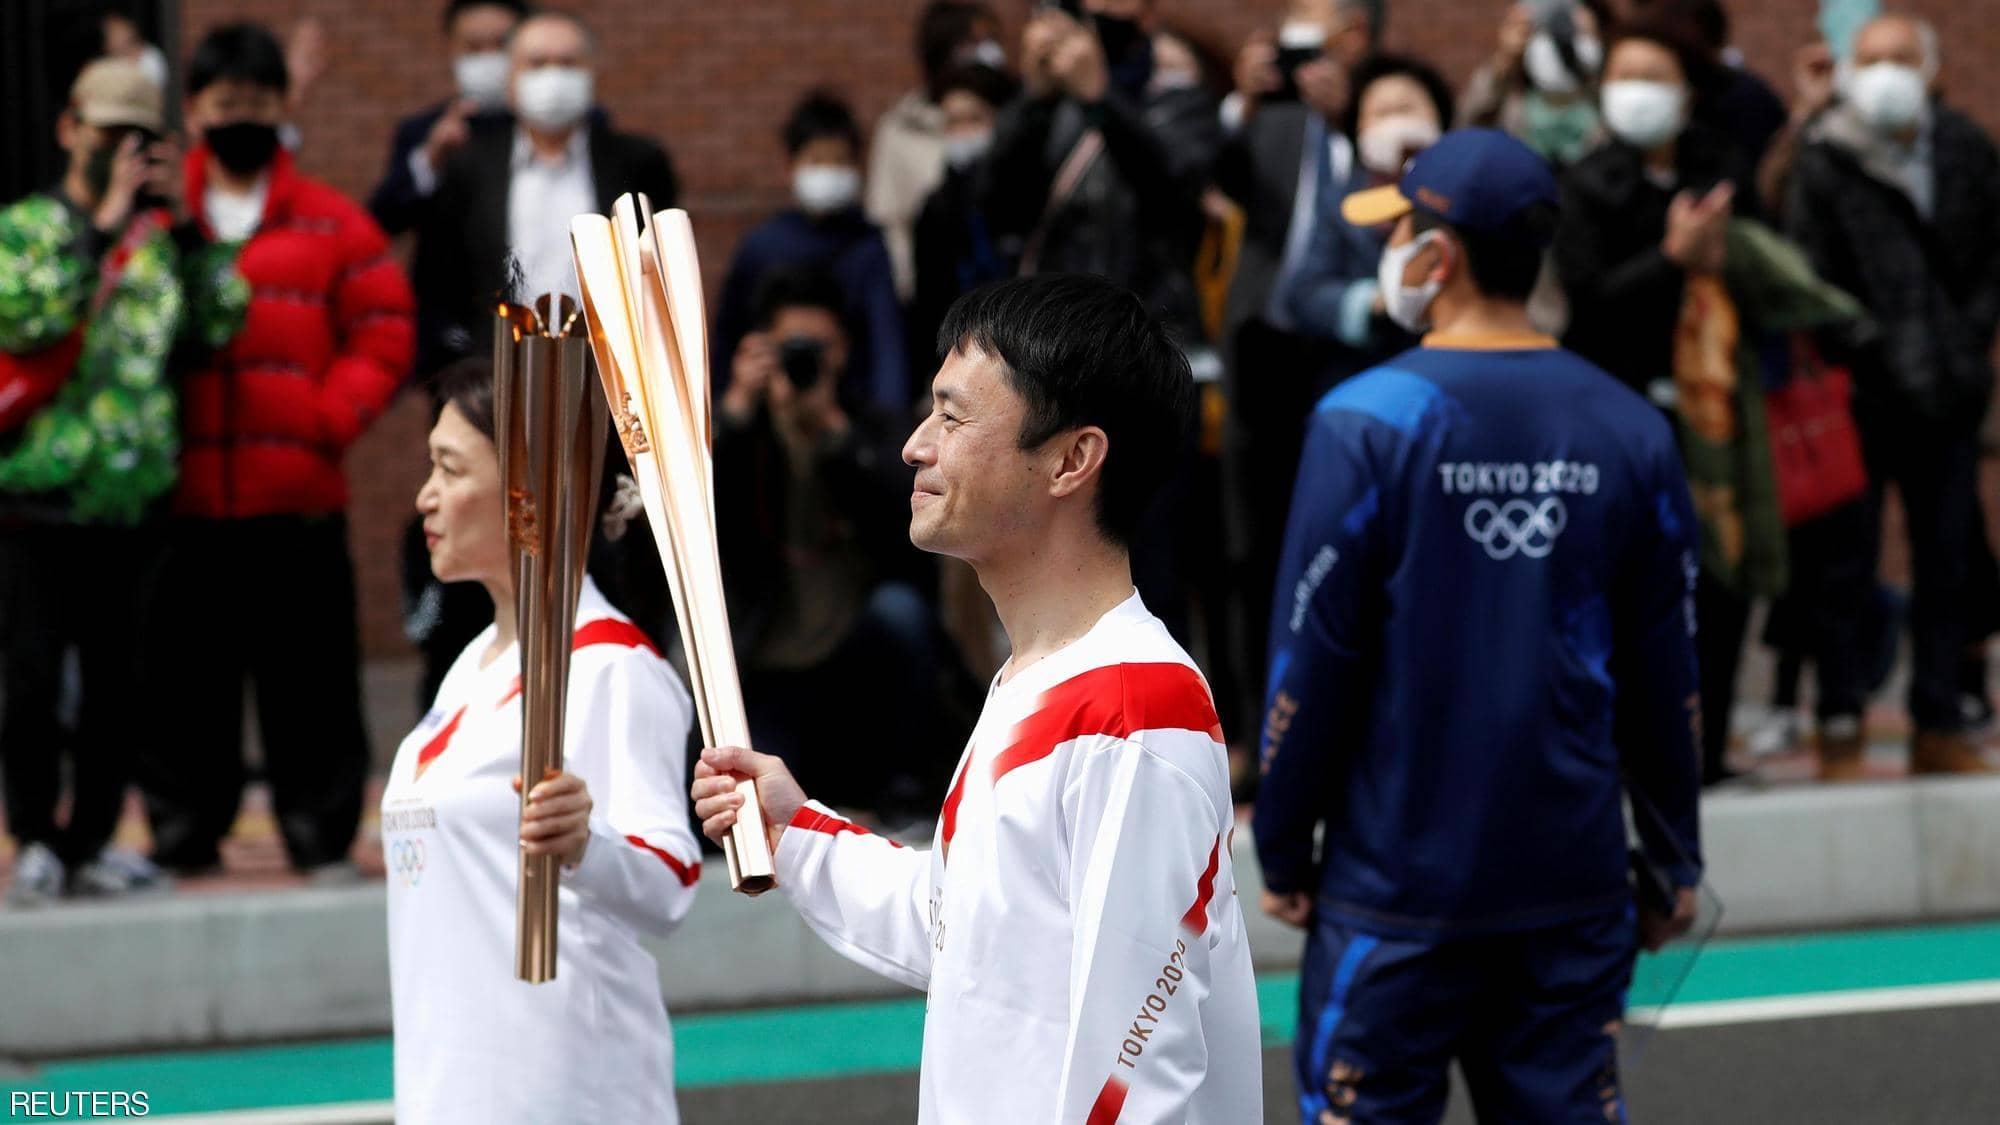 كوريا الشمالية تُعلن مقاطعة آولمبياد طوكيو